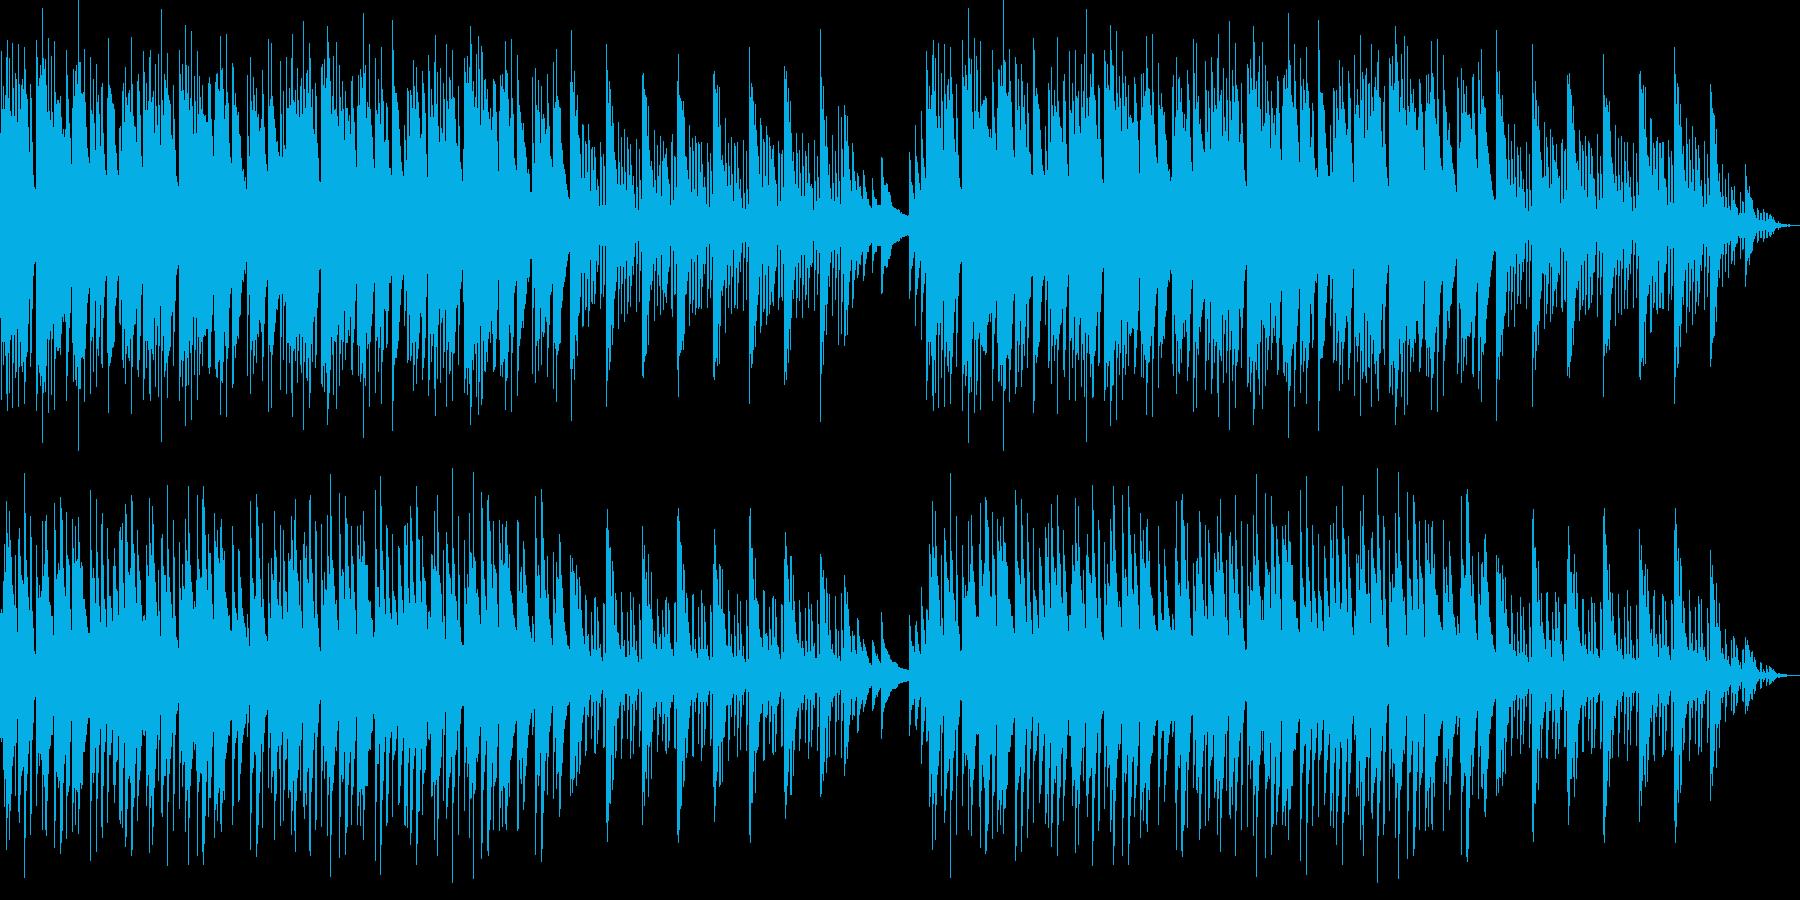 穏やかなヒーリングミュージックの再生済みの波形